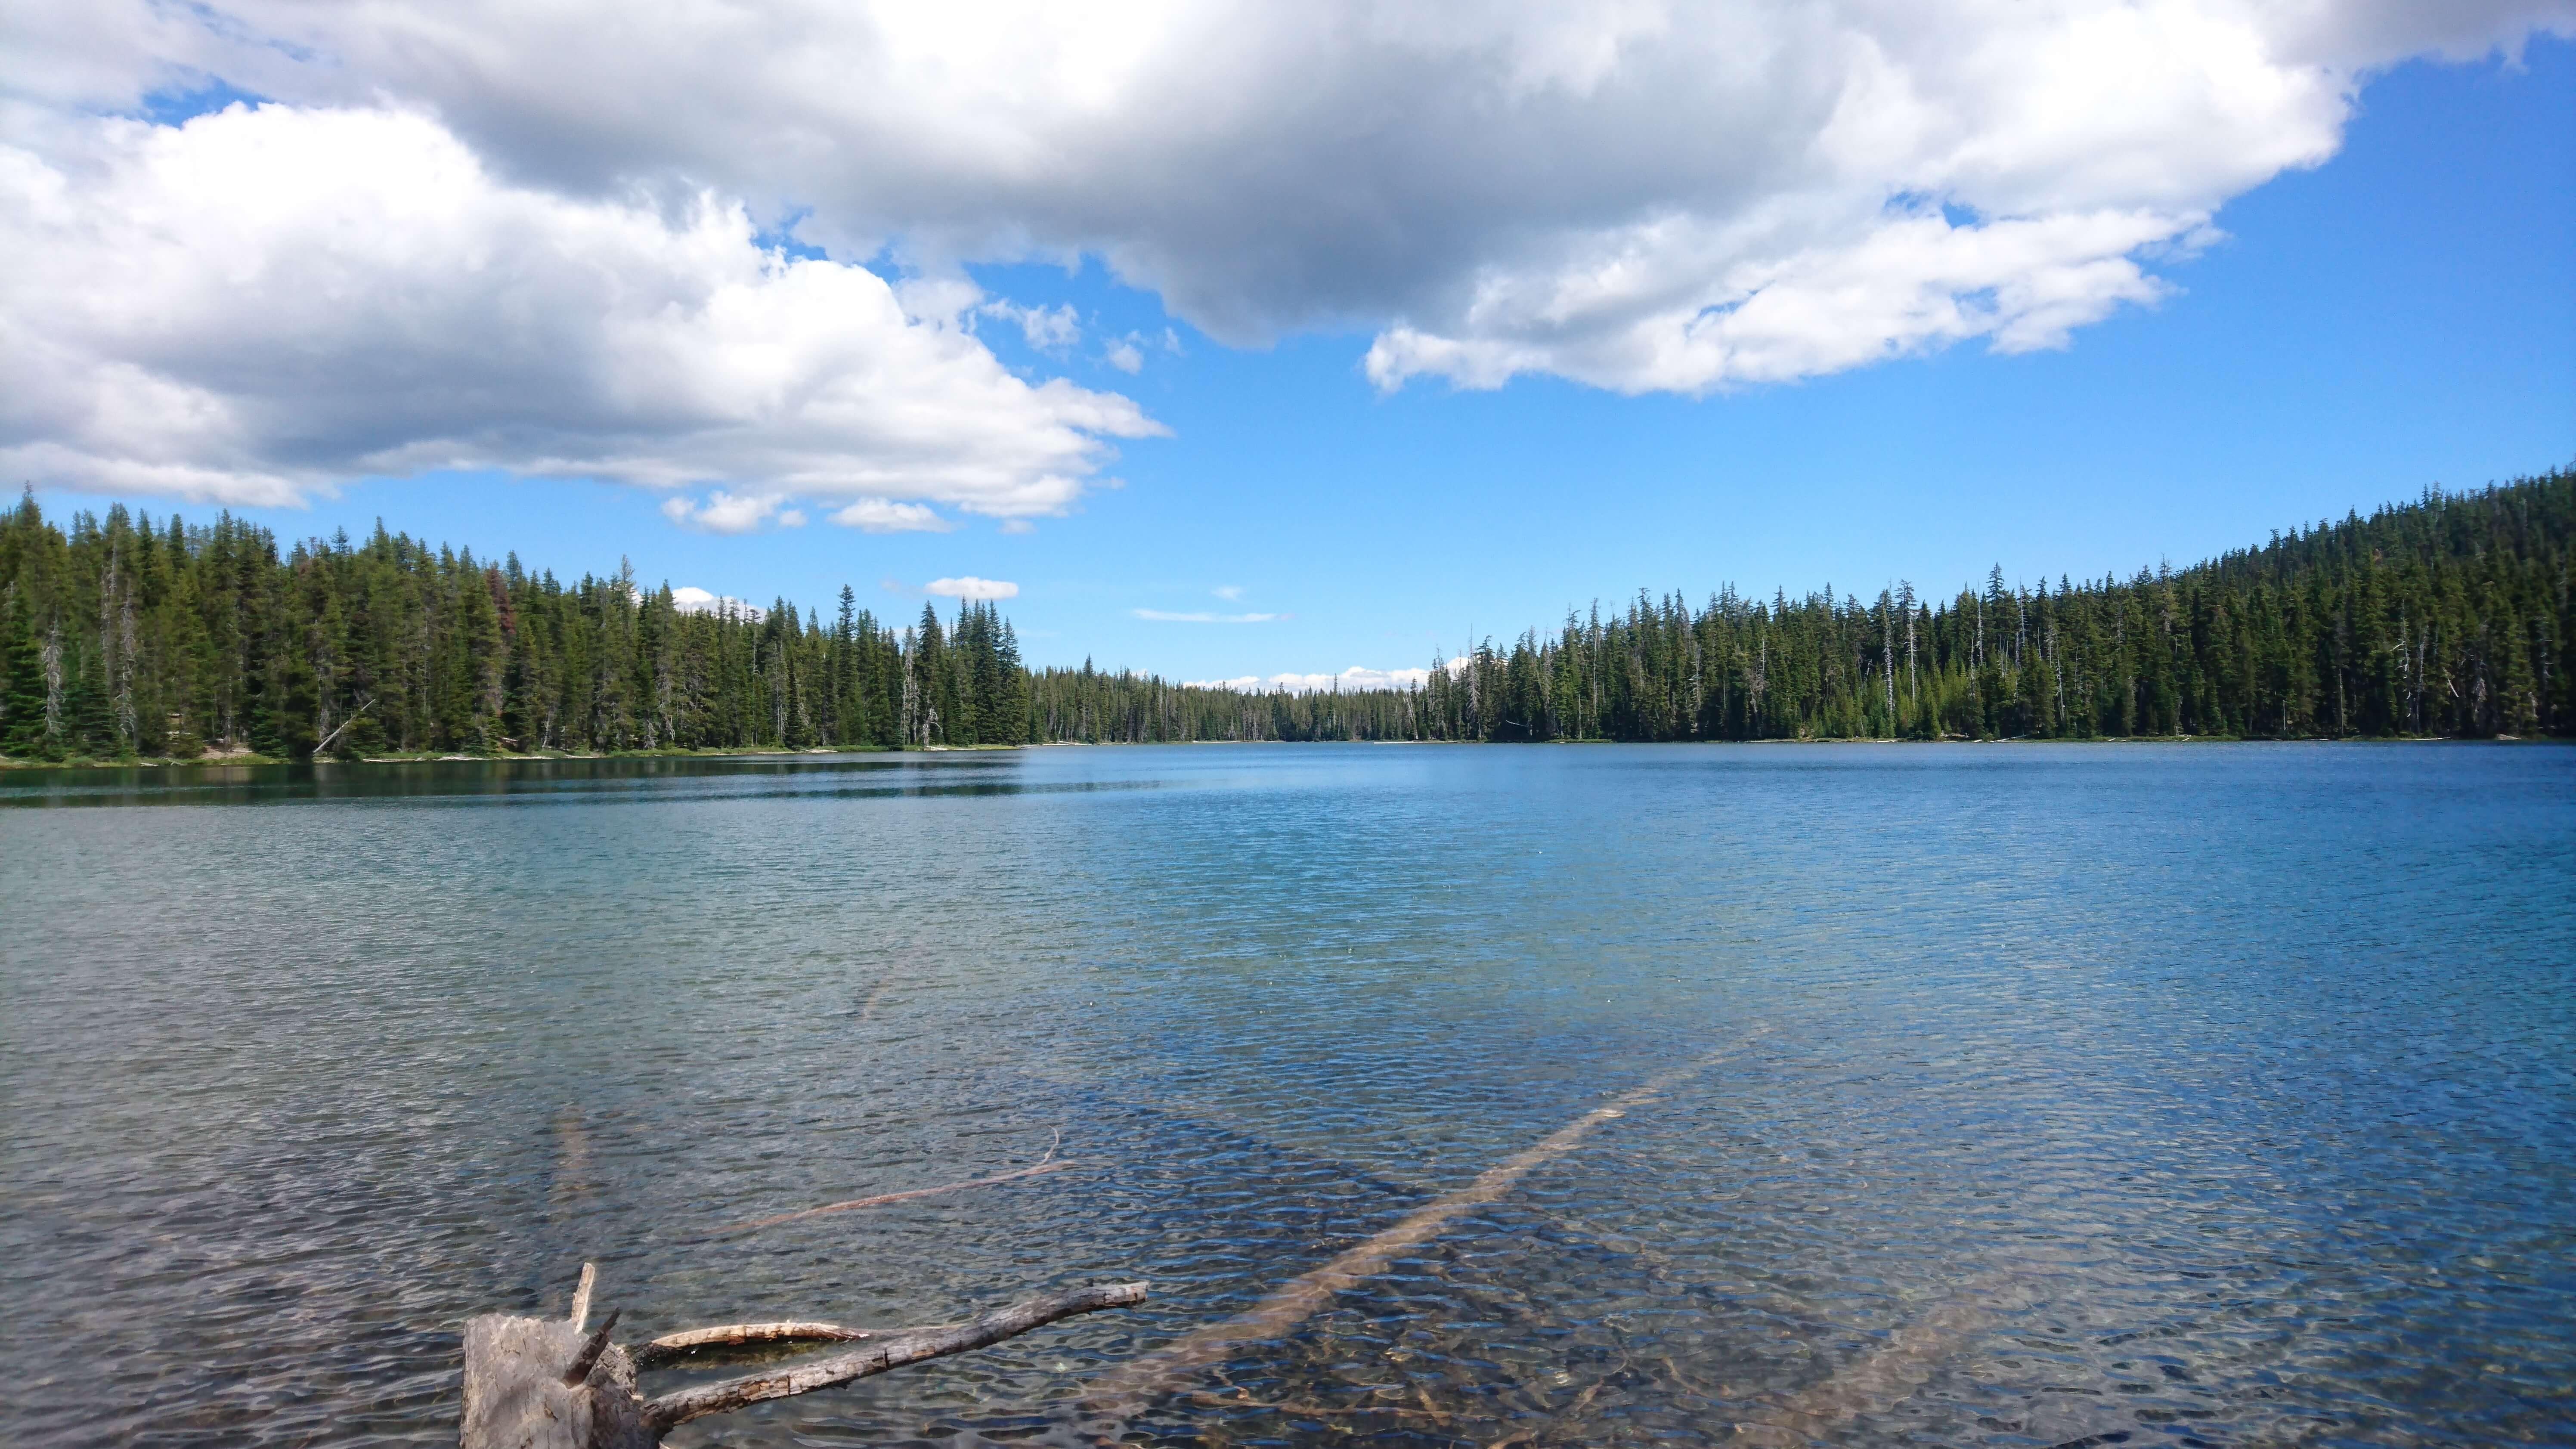 Bobly Lake